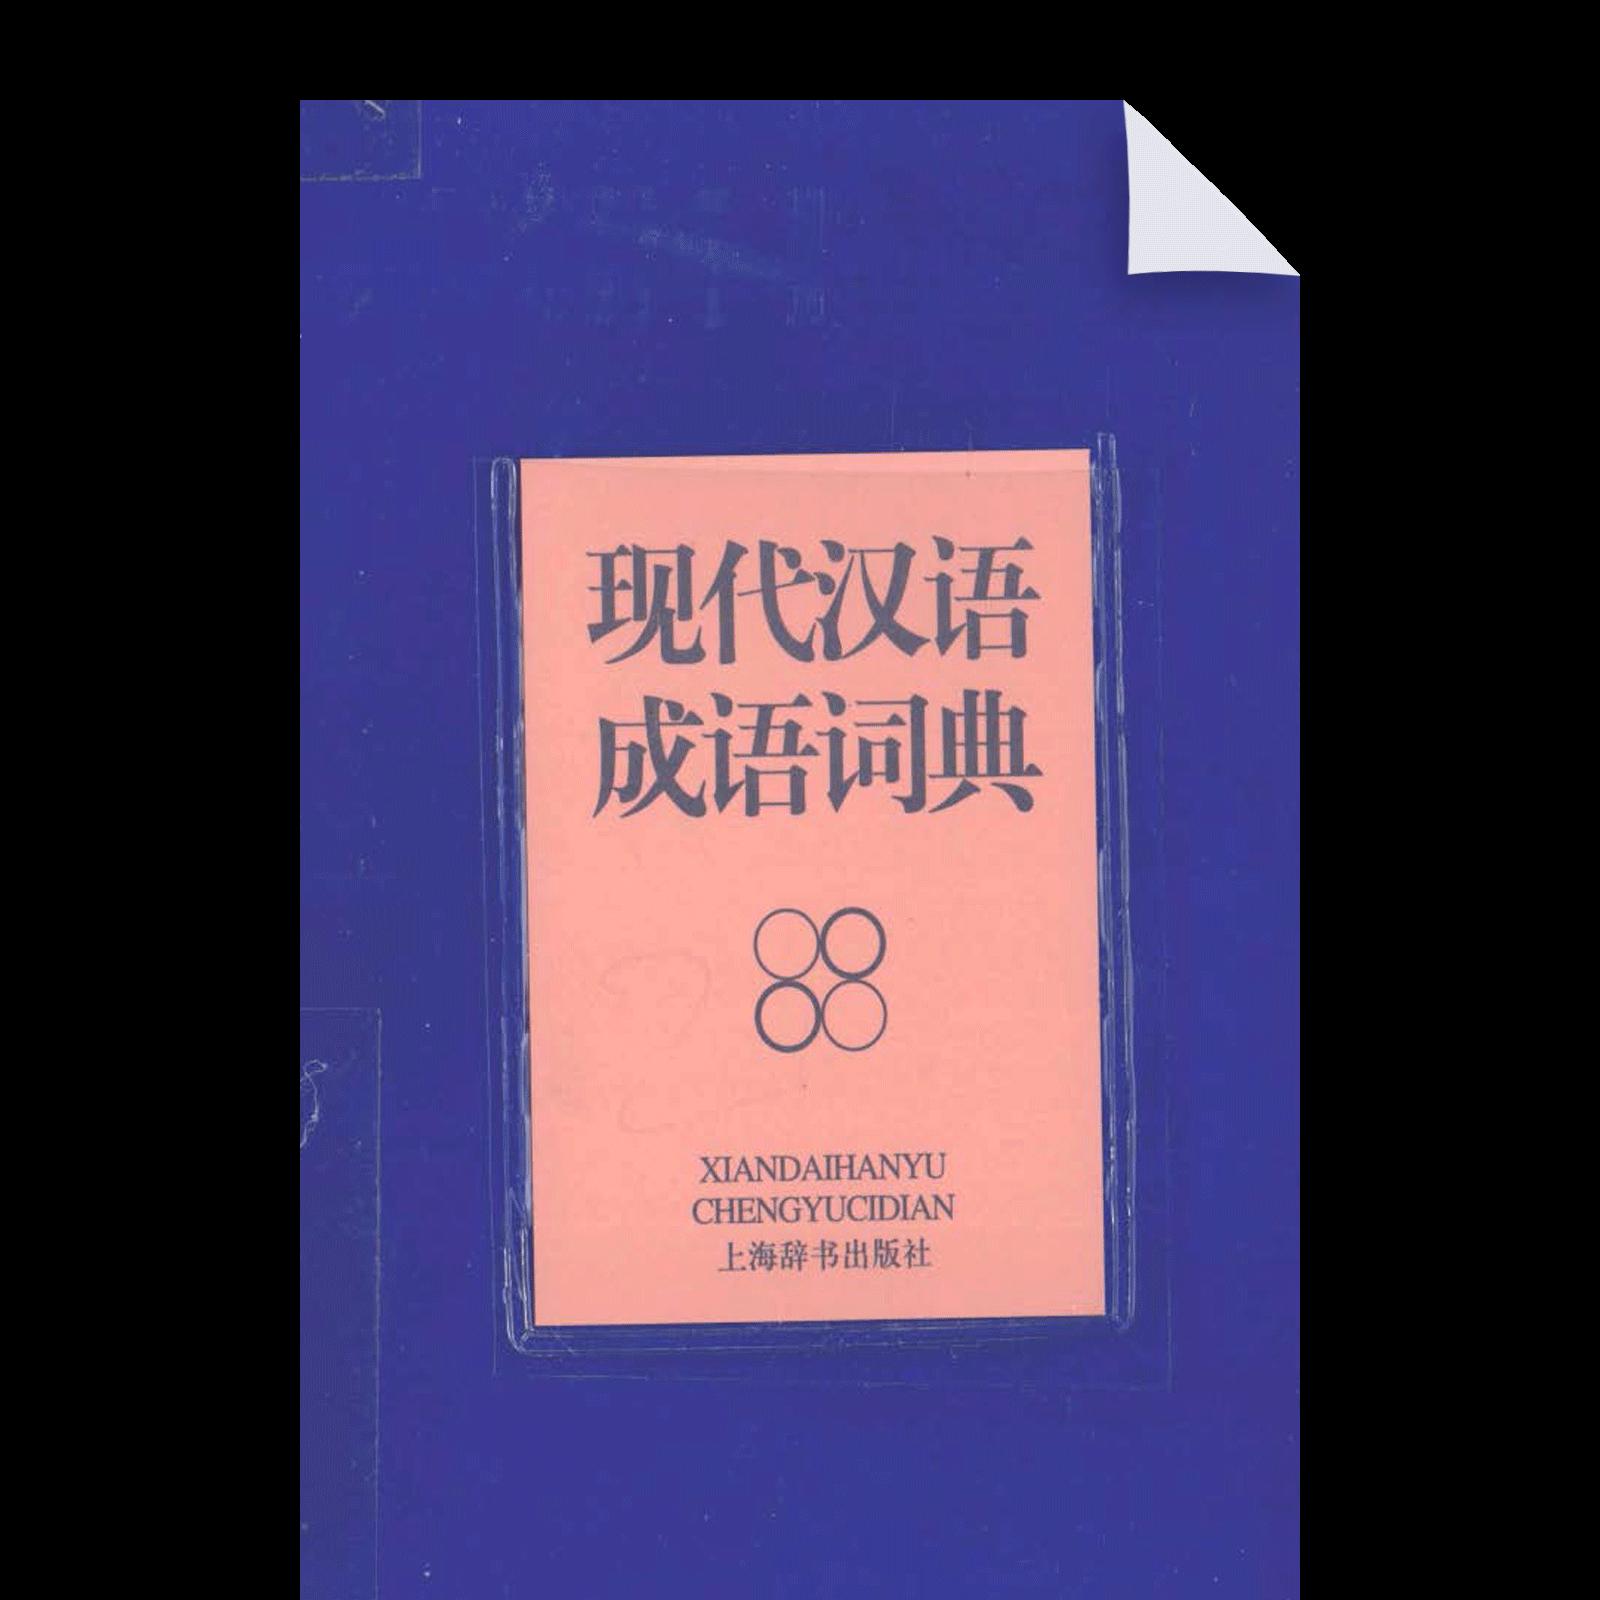 Xiandai Hanyu Chengyu Cidian